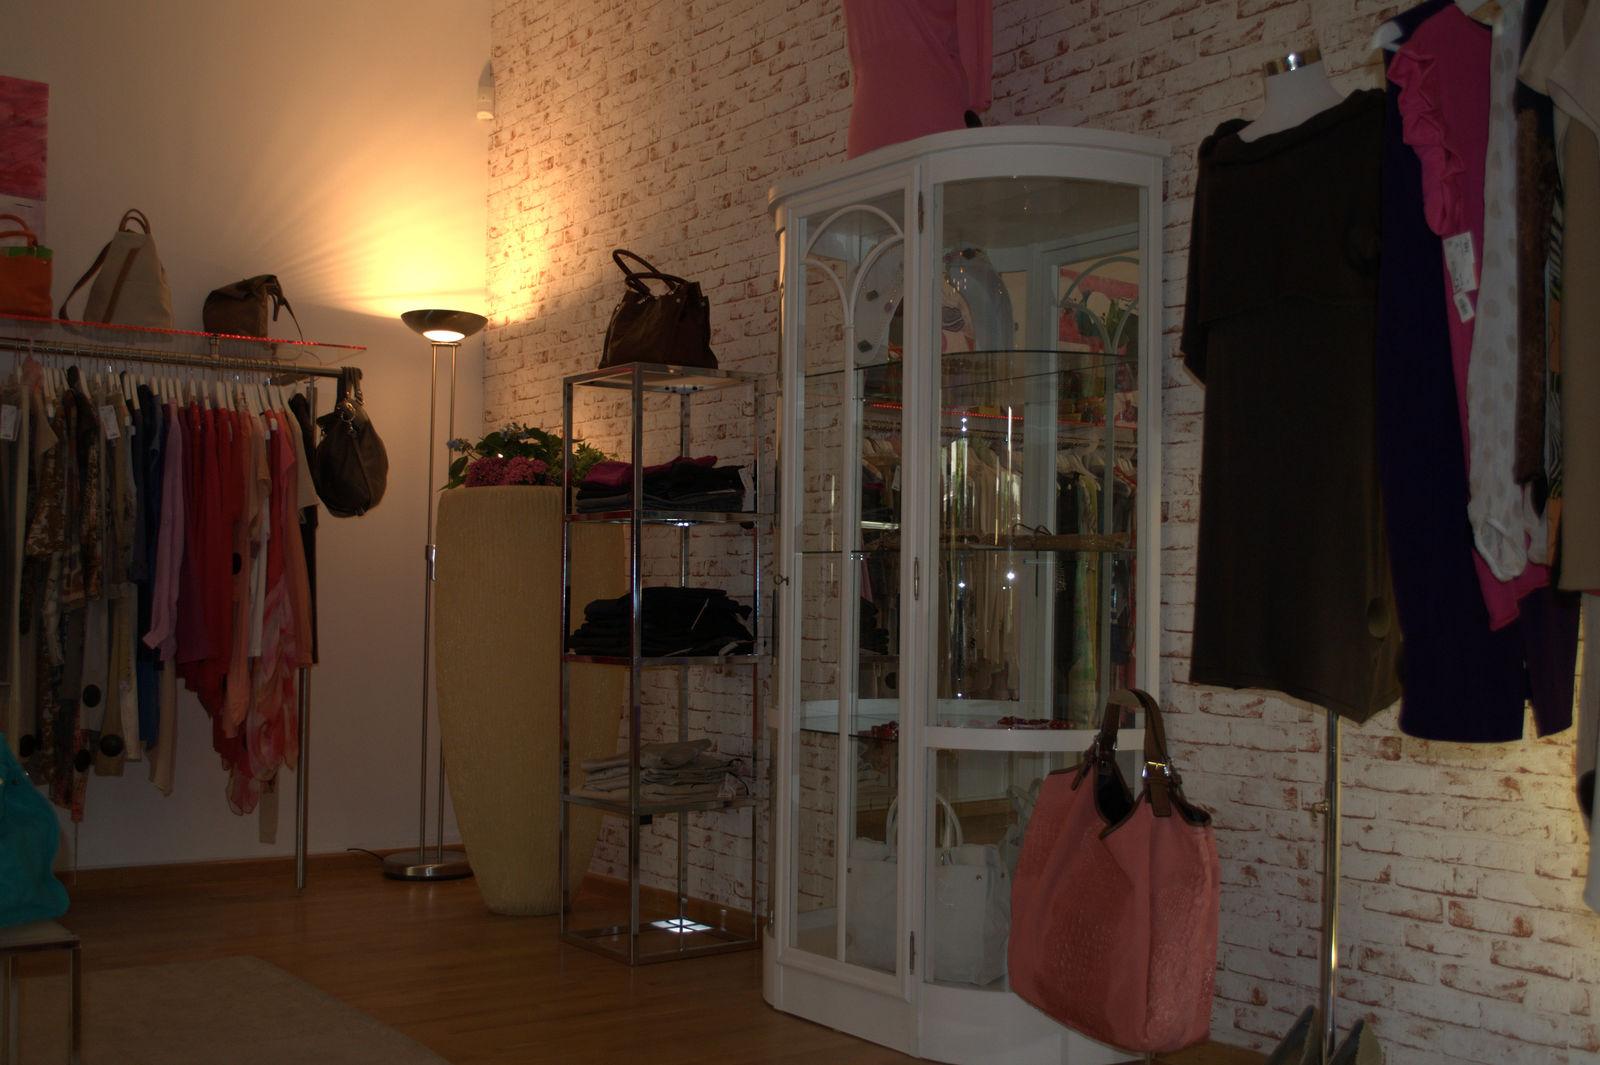 GOLDSTEG Designer Outlet in Berlin (Bild 1)